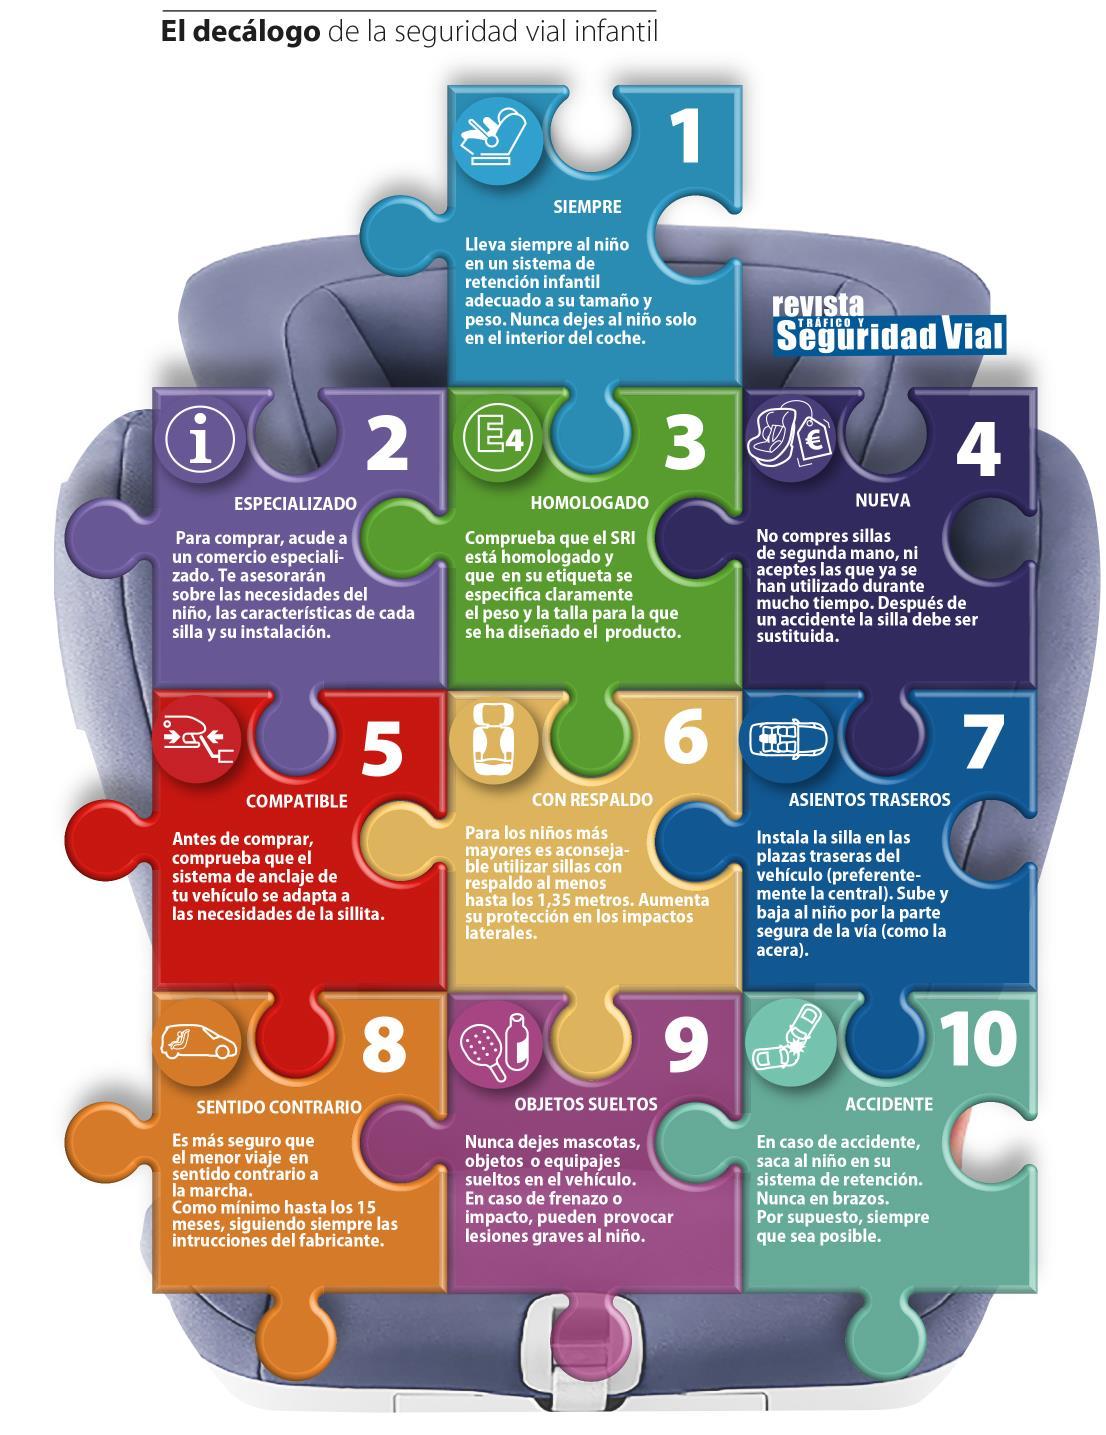 Las diez reglas básicas de la seguridad vial infantil